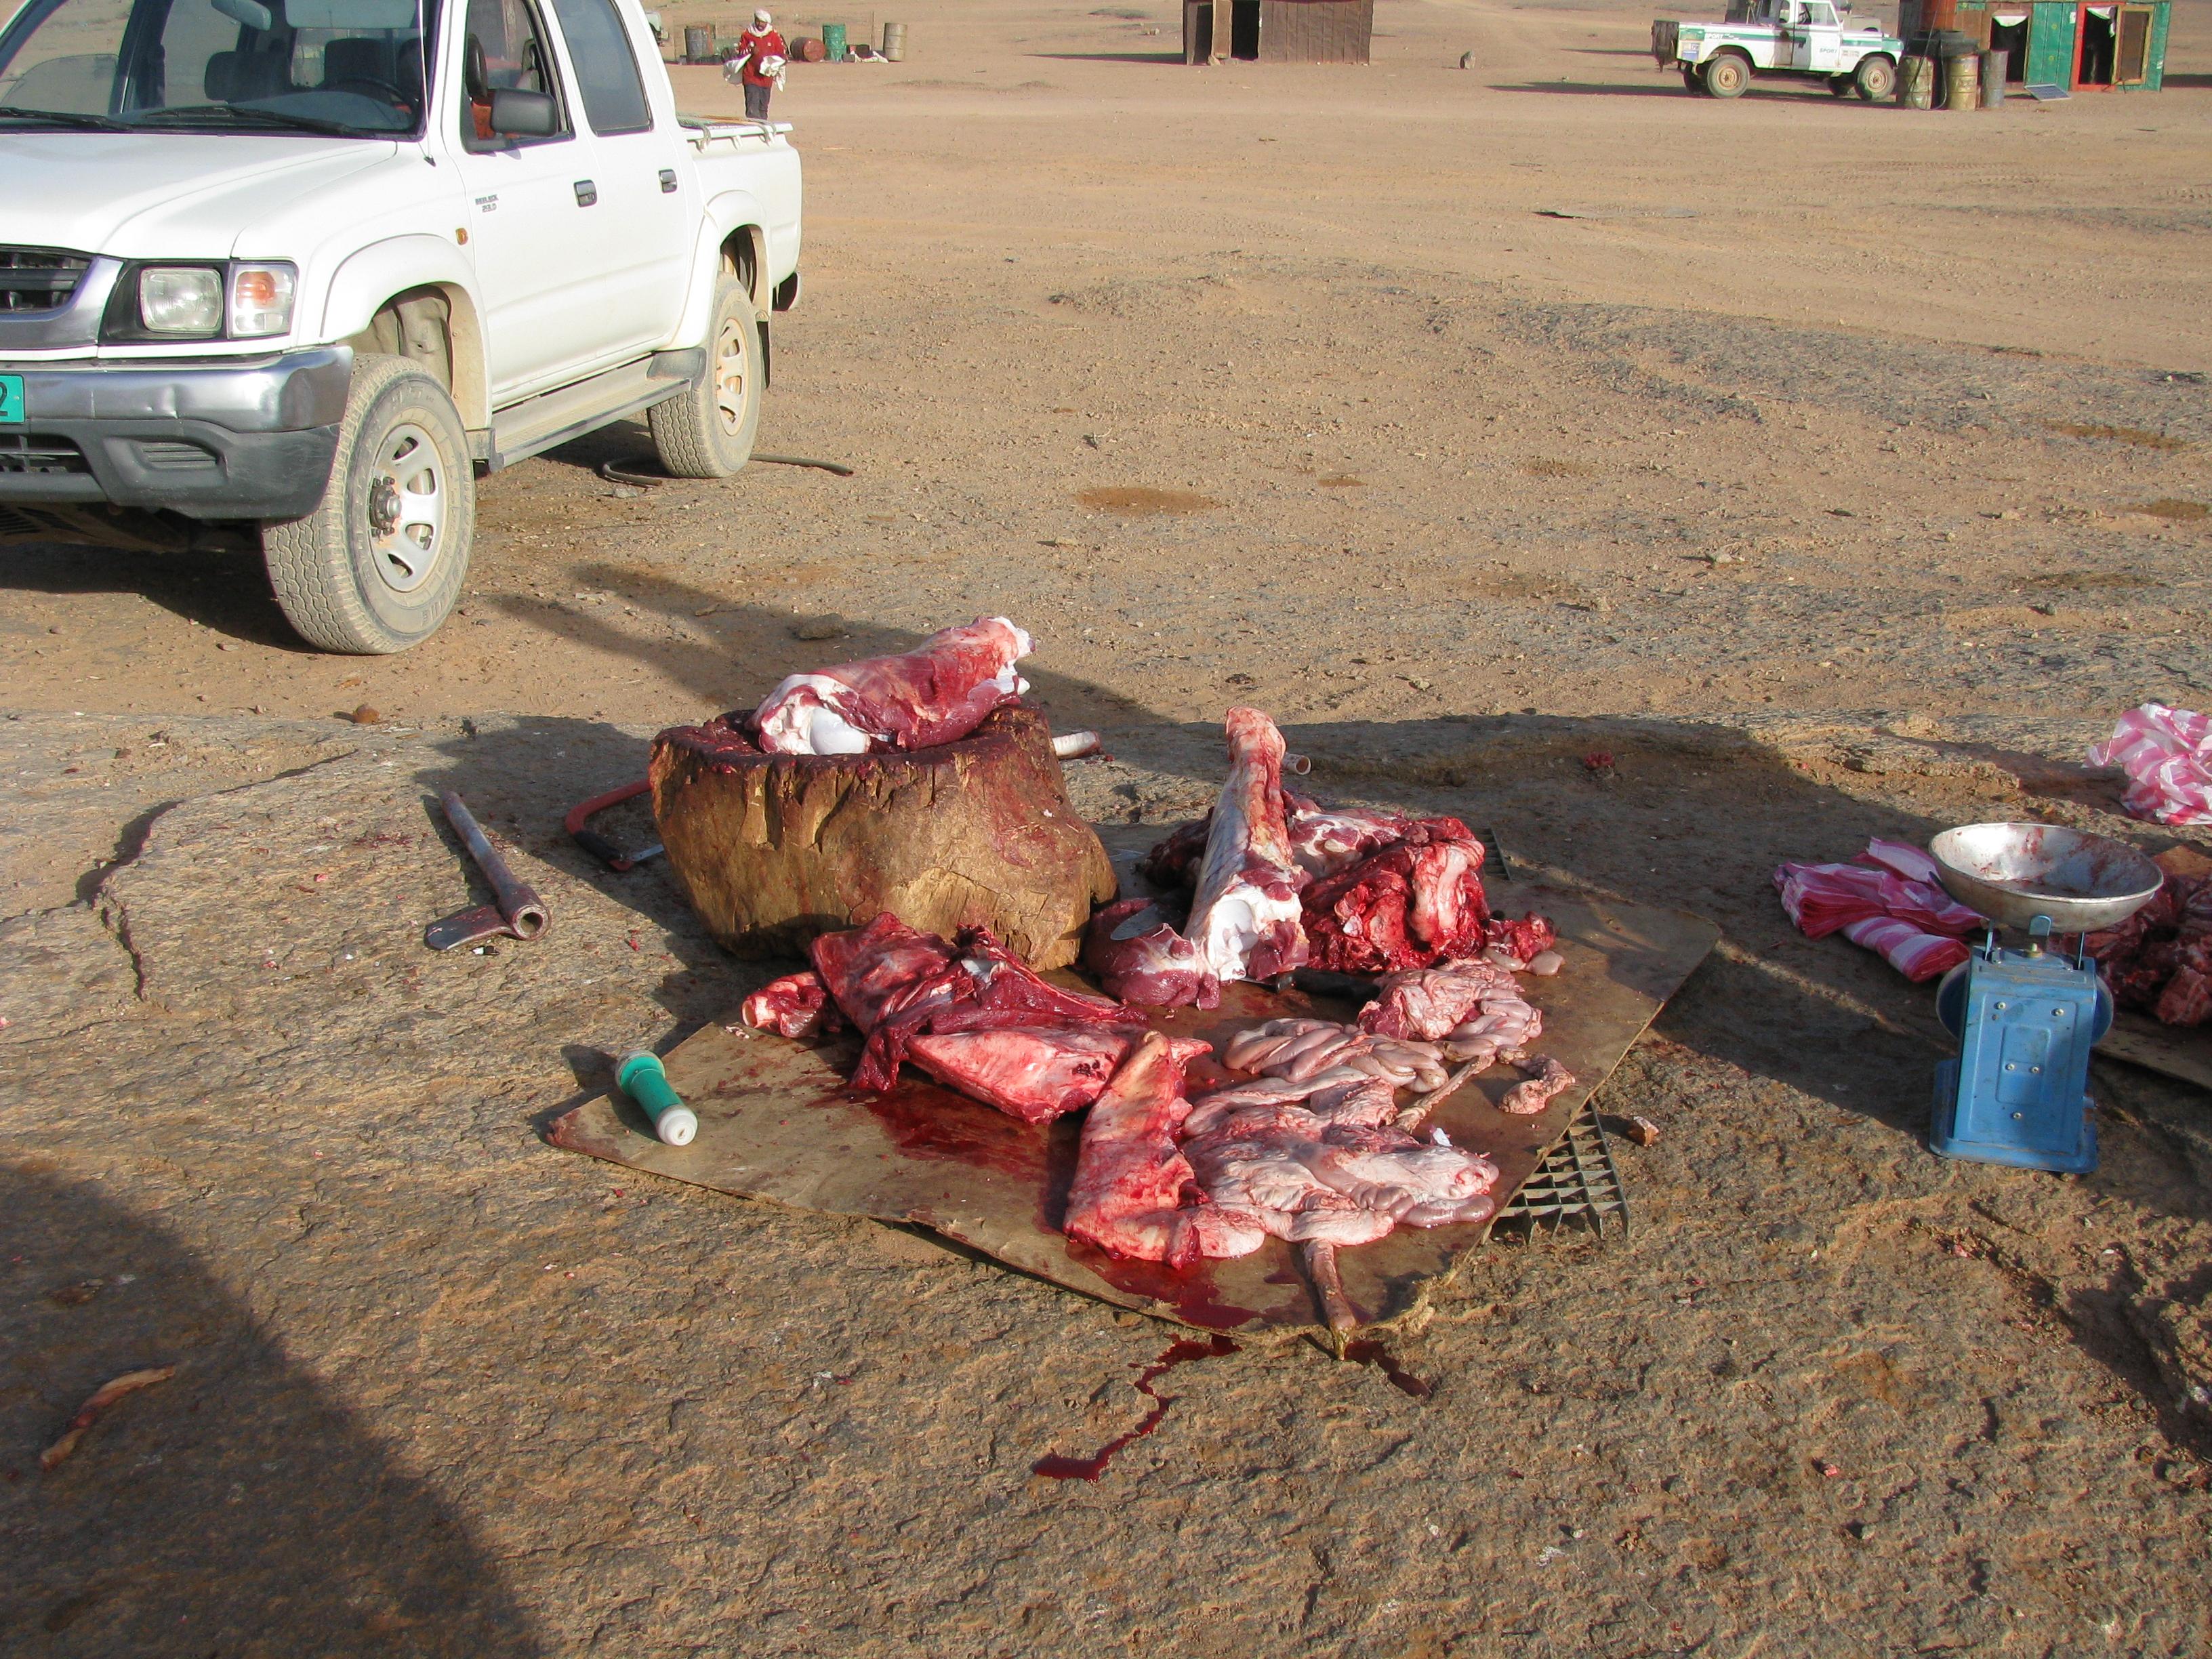 Le conflit armé du sahara marocain 3700482247_407ce7975a_o